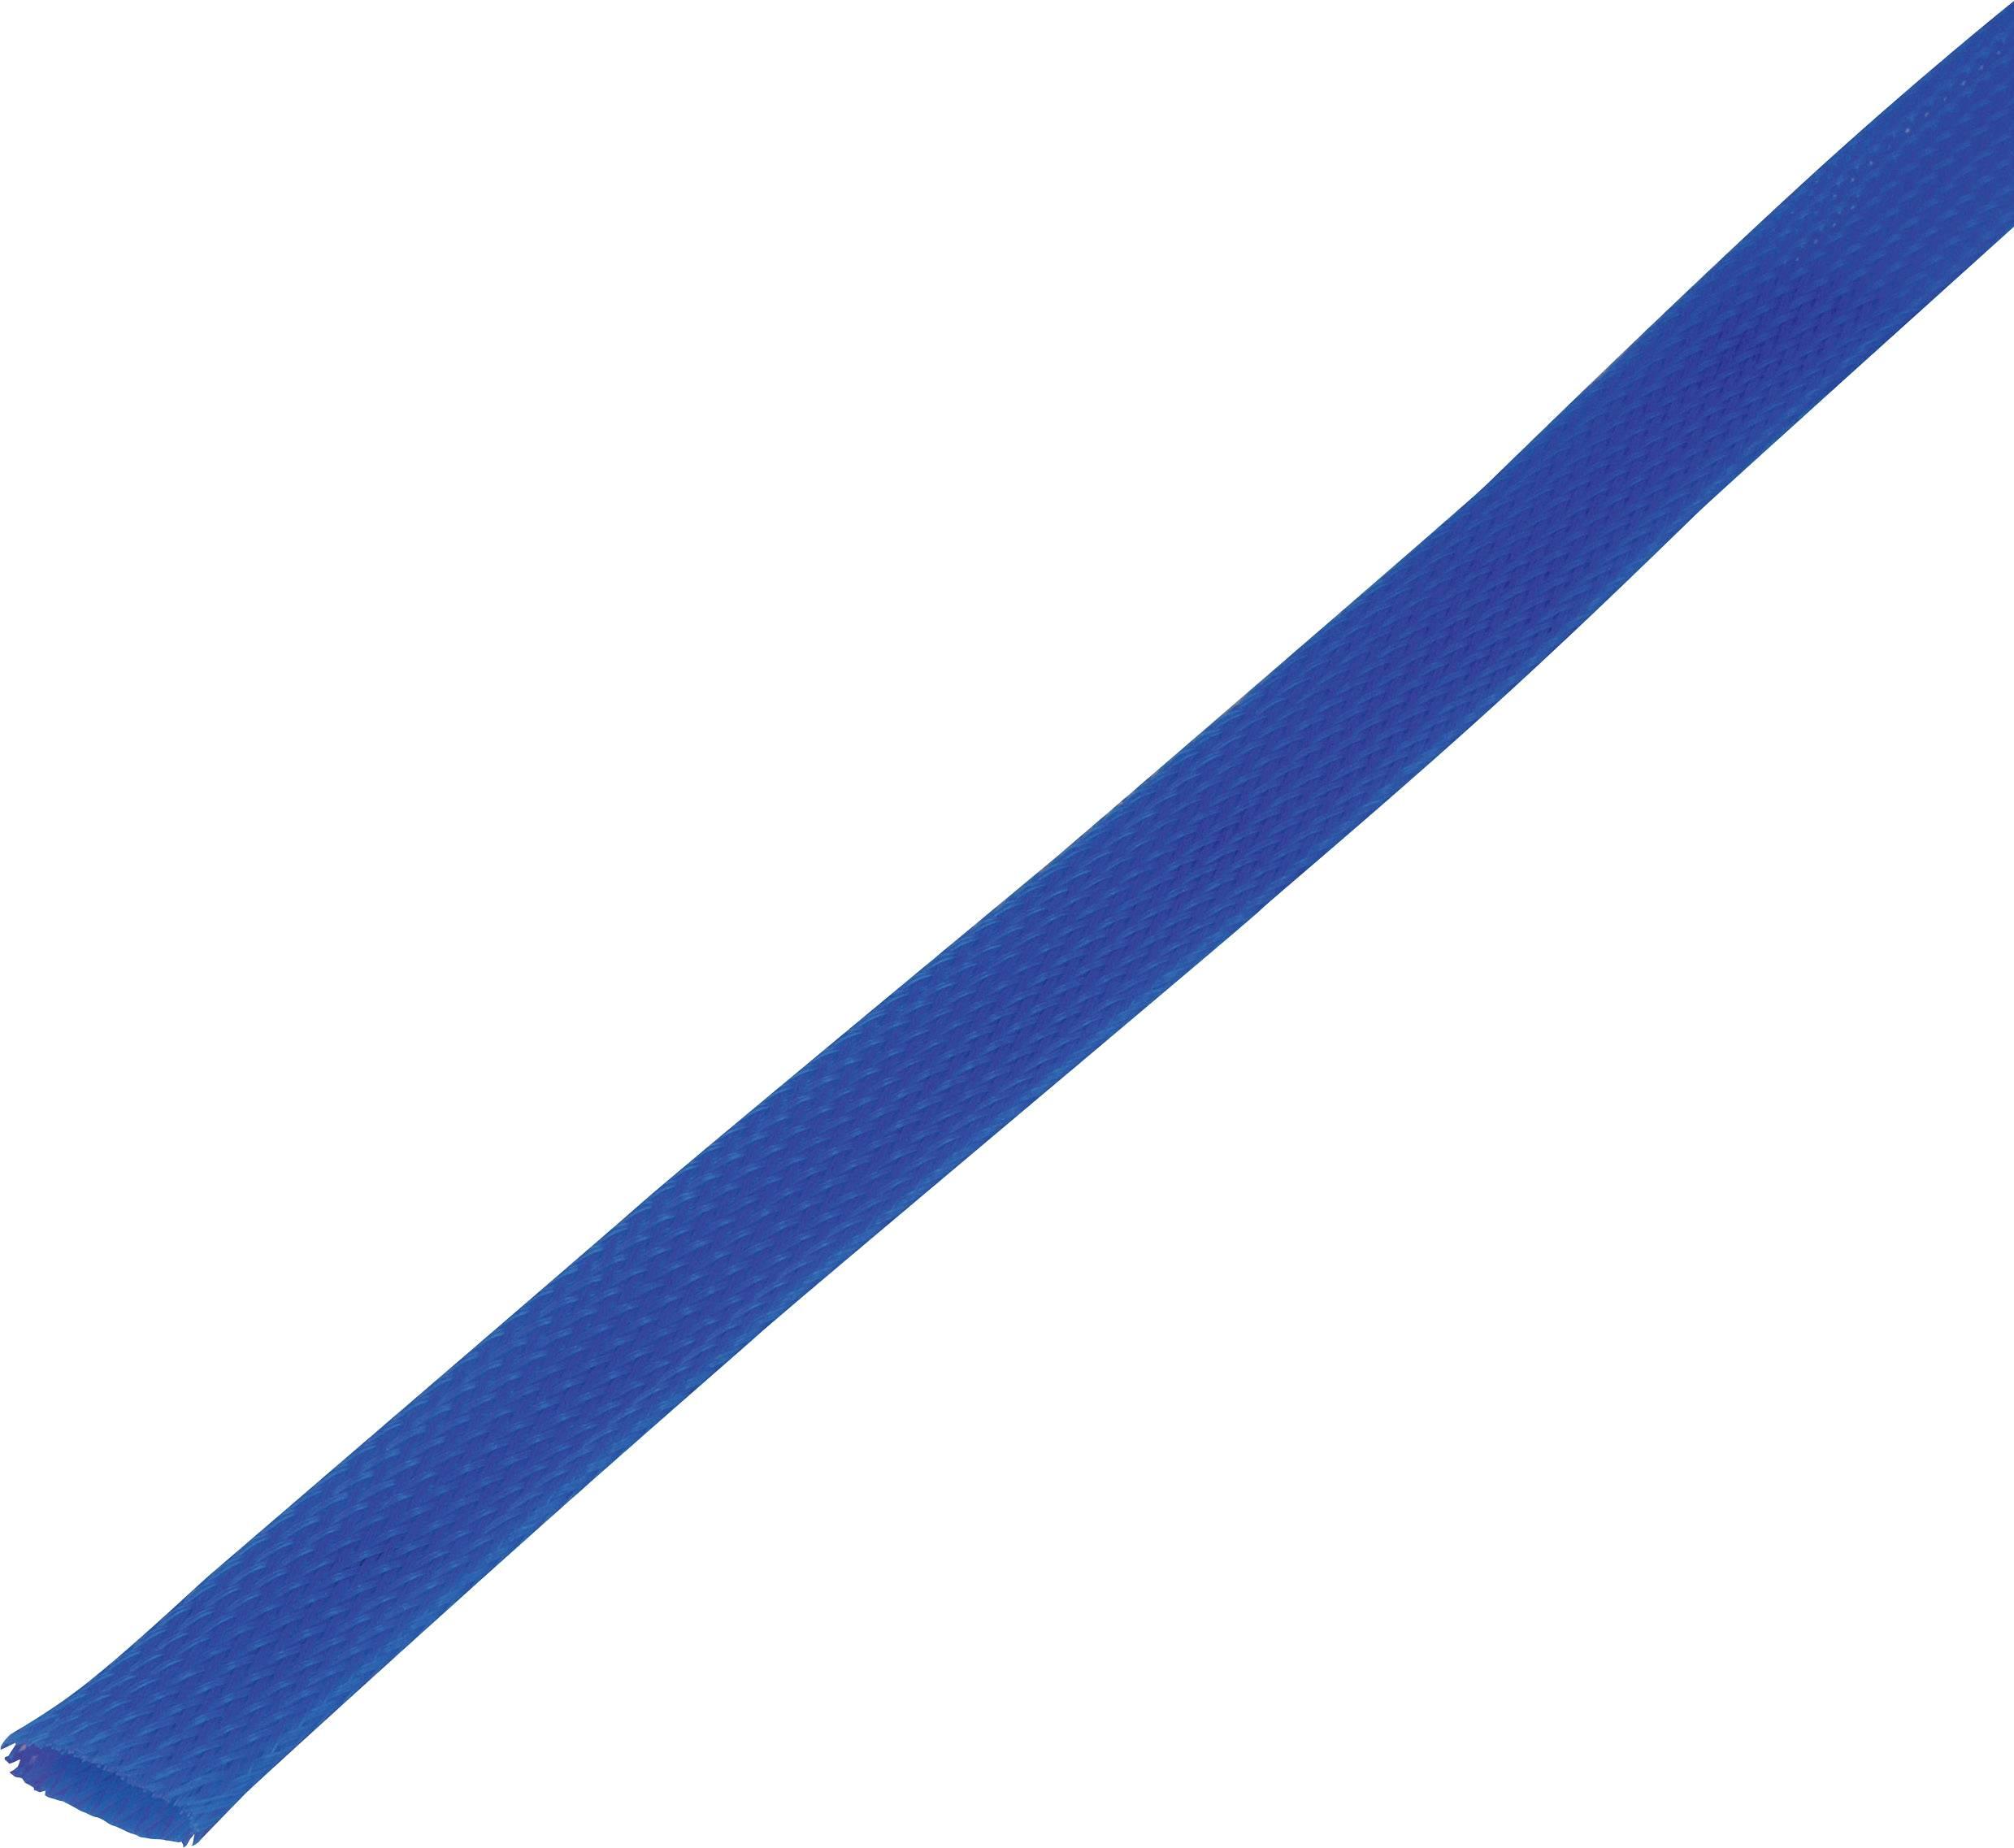 Ochranné opletenie CBBOX3037-BL Ø zväzku: 30 - 37 mm modrá 5 m